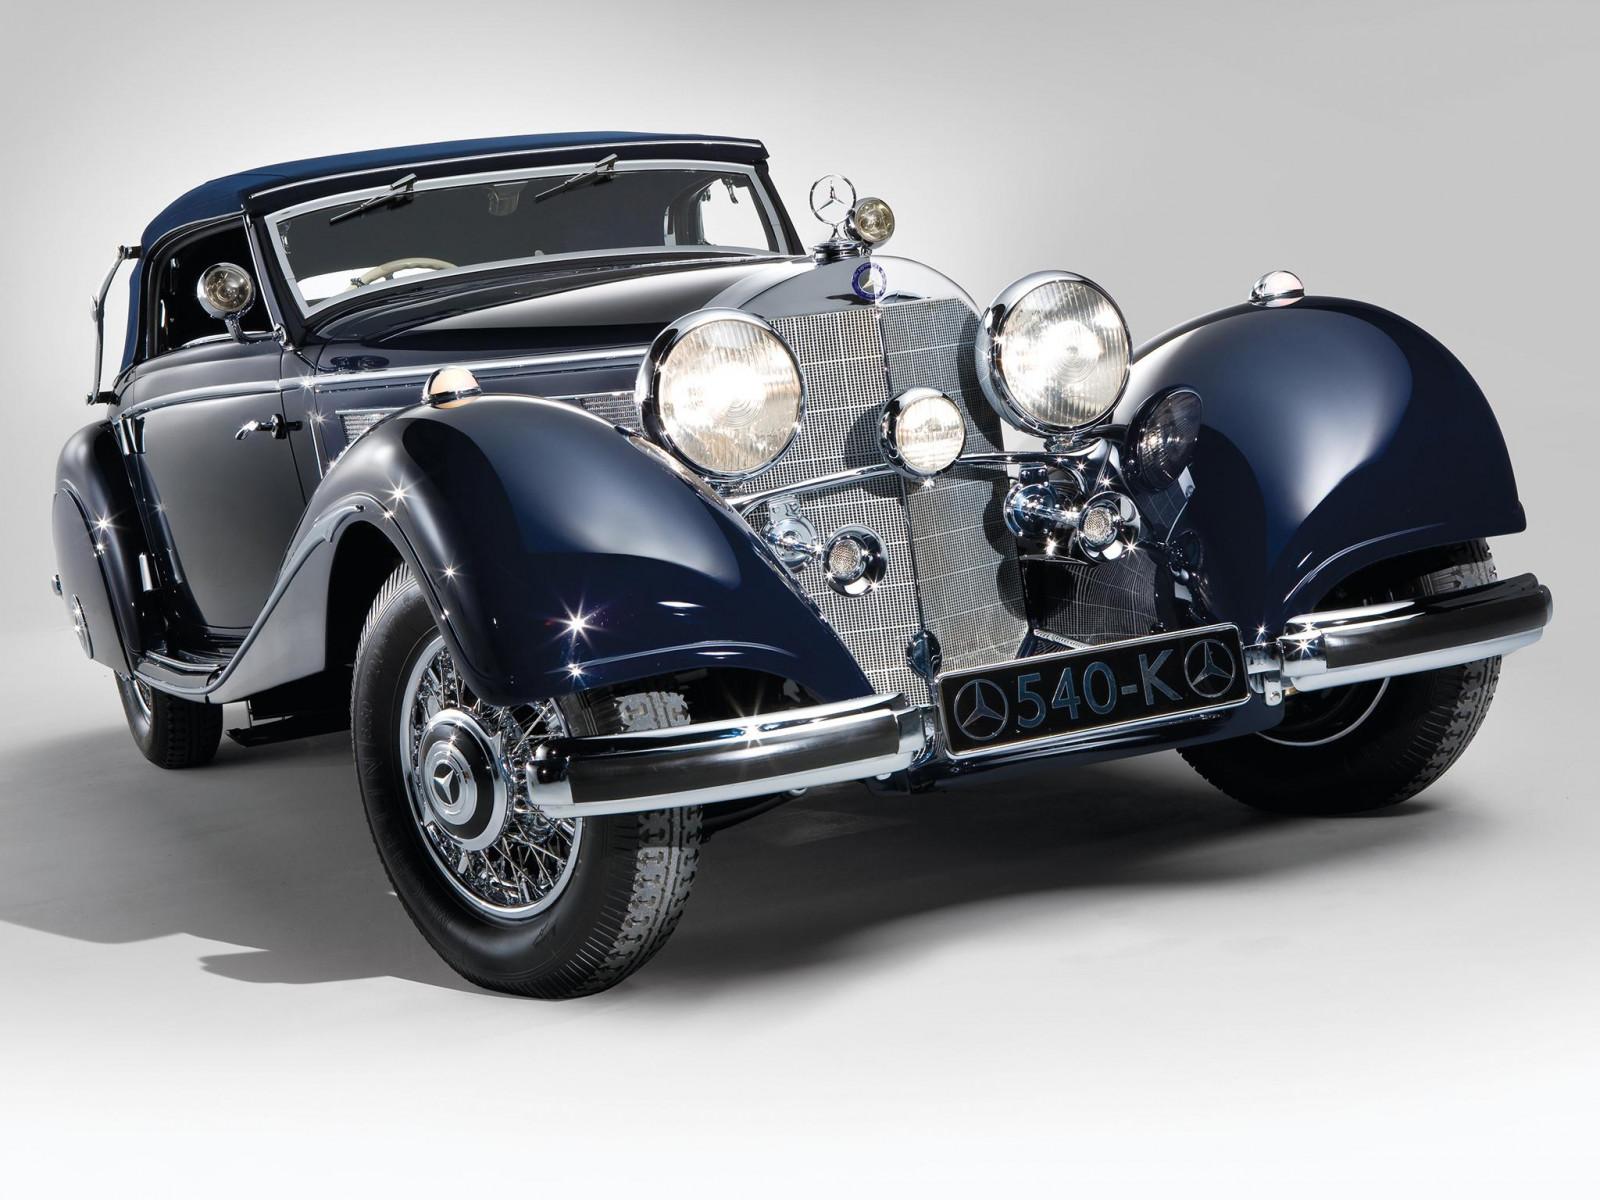 Fond d'écran : voiture, Mercedes Benz, cru, marque, Voiture ancienne, Voiture classique ...